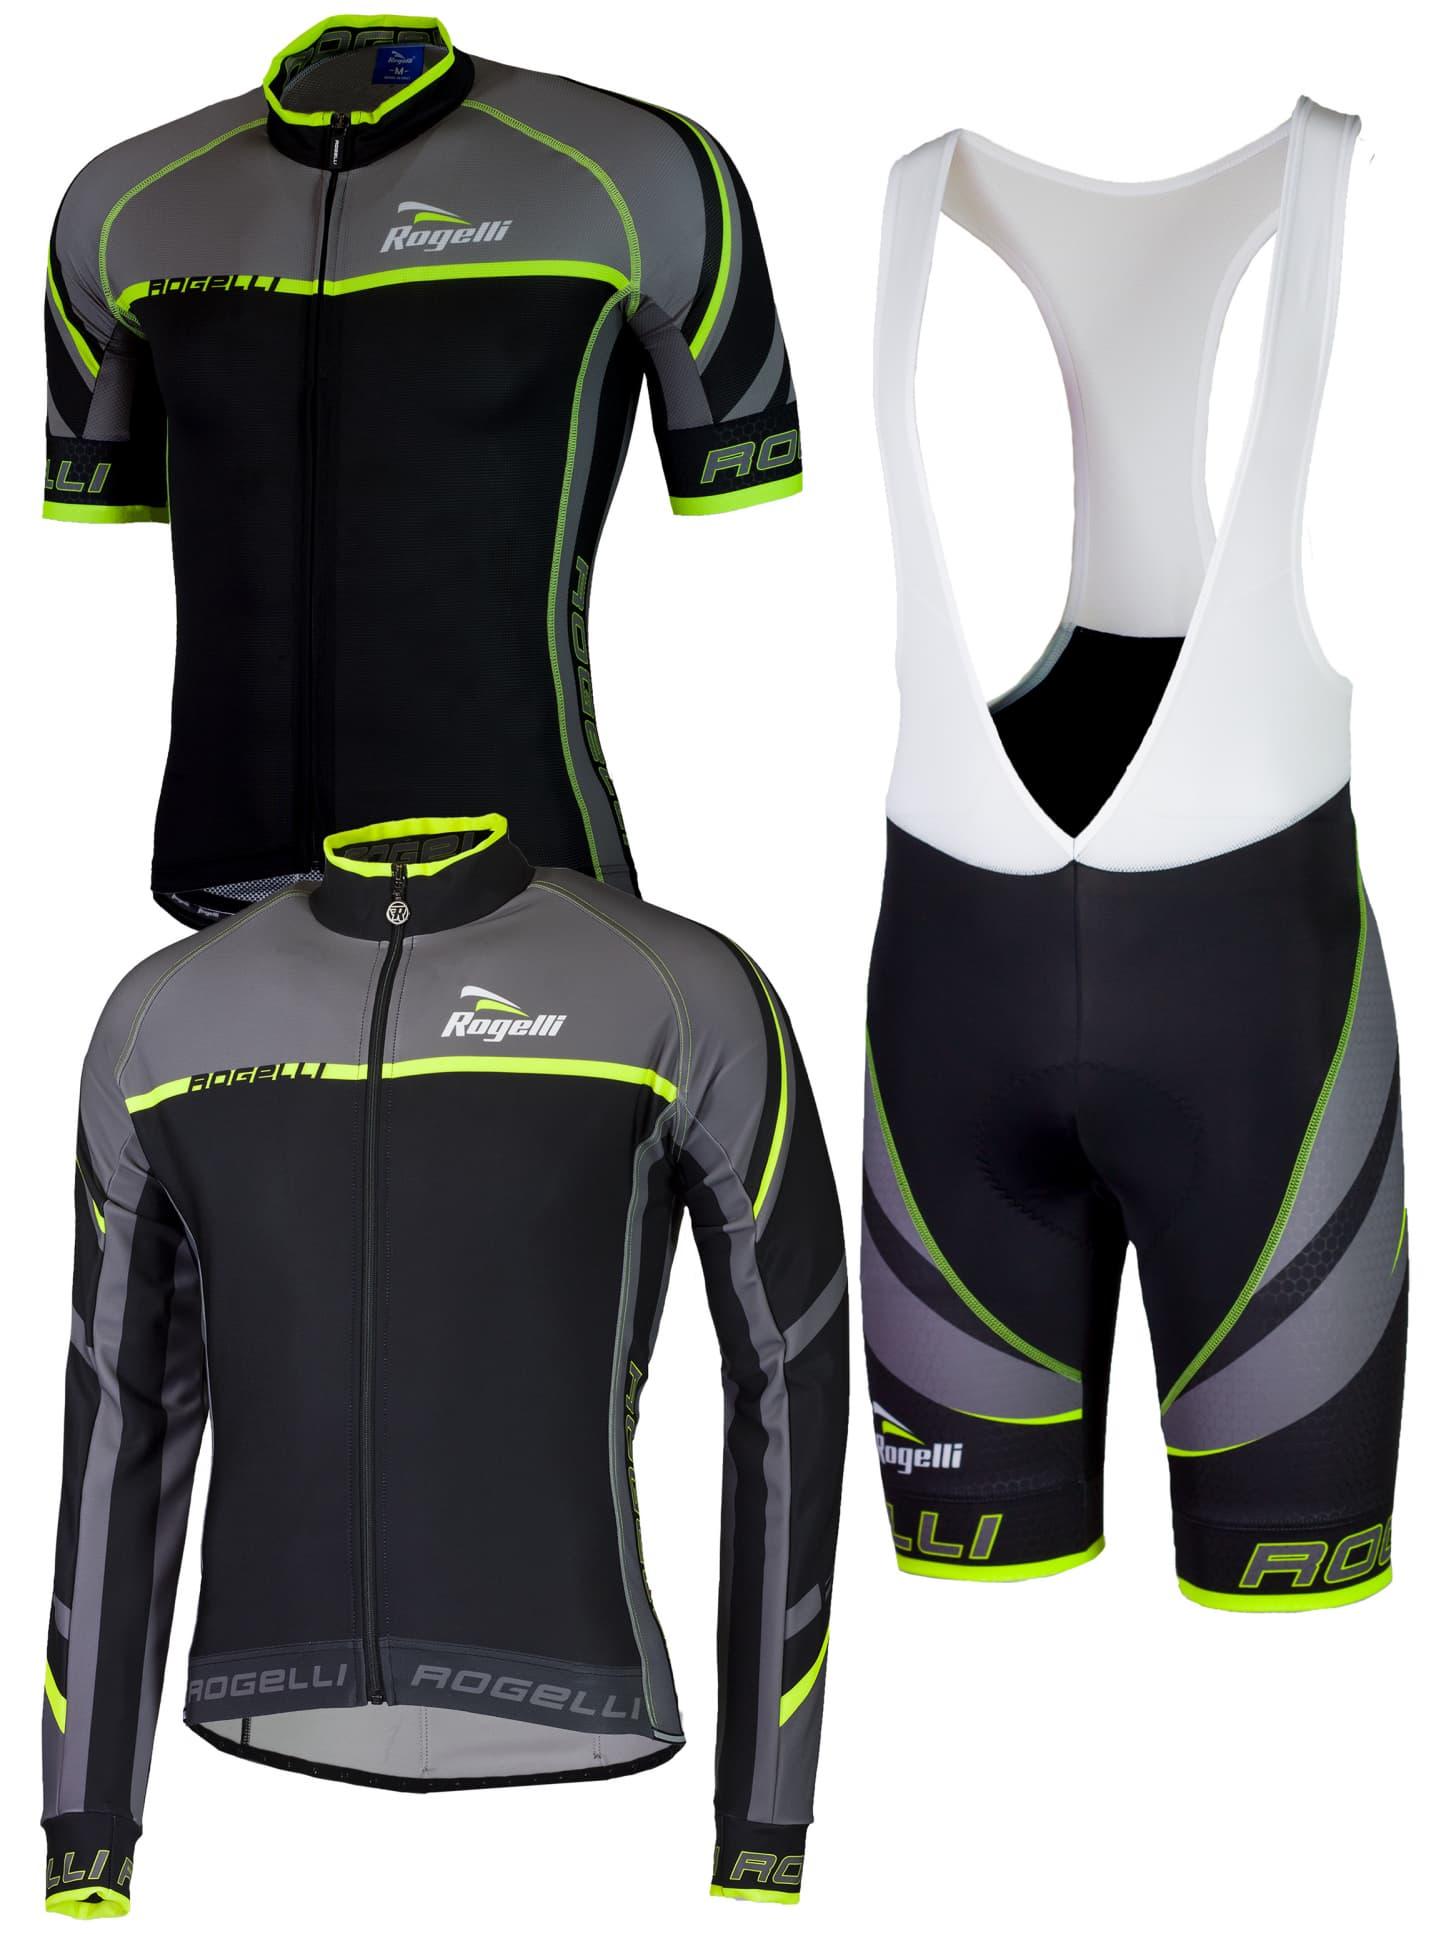 34605142623e0 Cyklistické oblečenie Rogelli ANDRANO 2.0, čierno-reflexné žlté ...